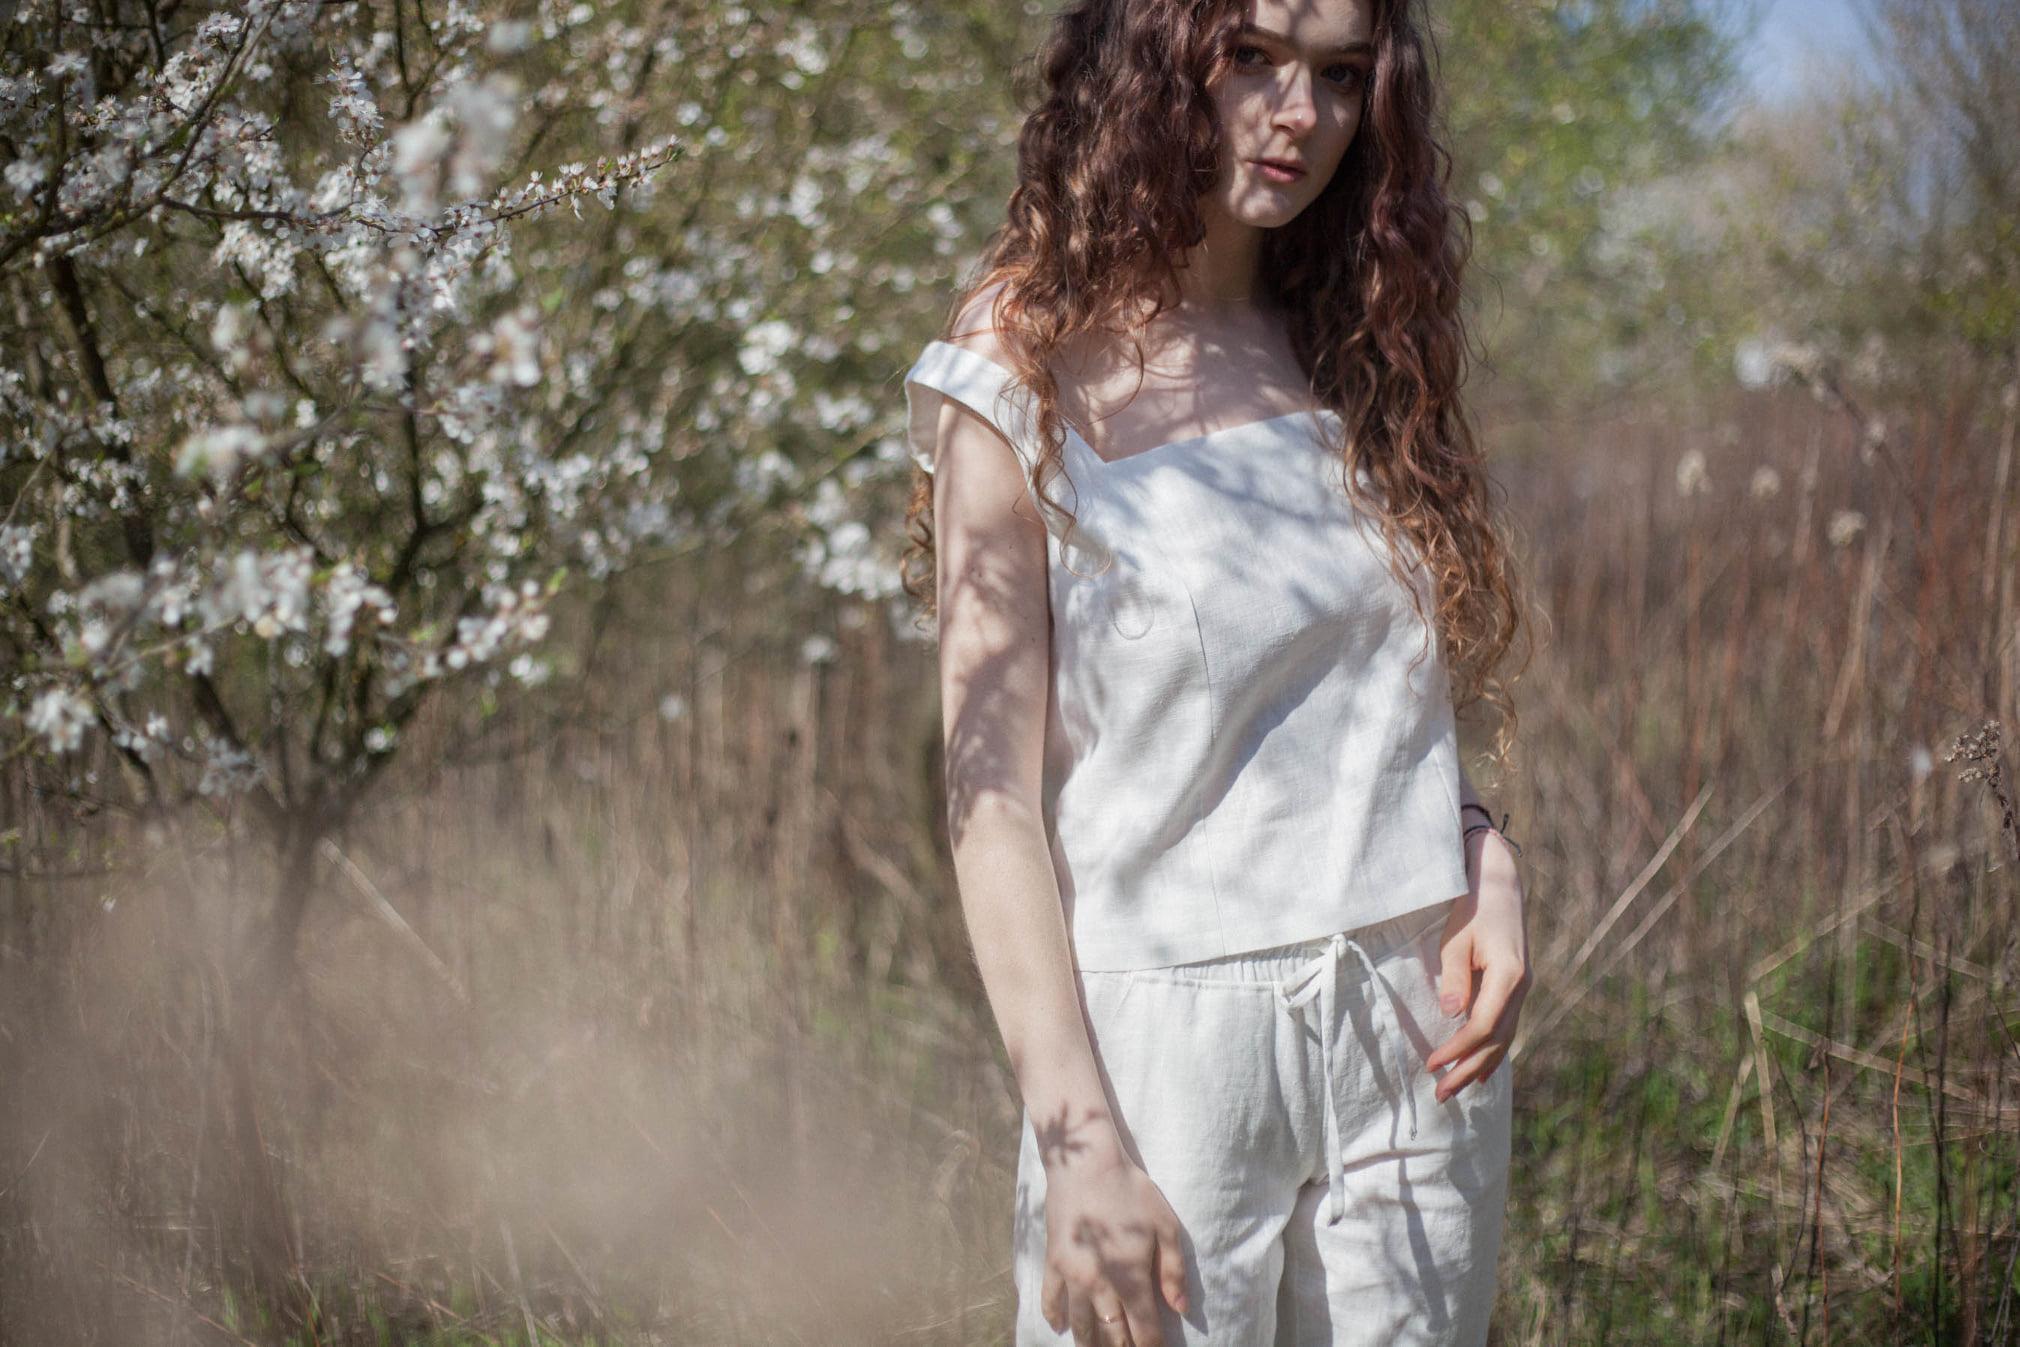 Uczciwość, naturalność i piękno: marka odzieżowa Slovly